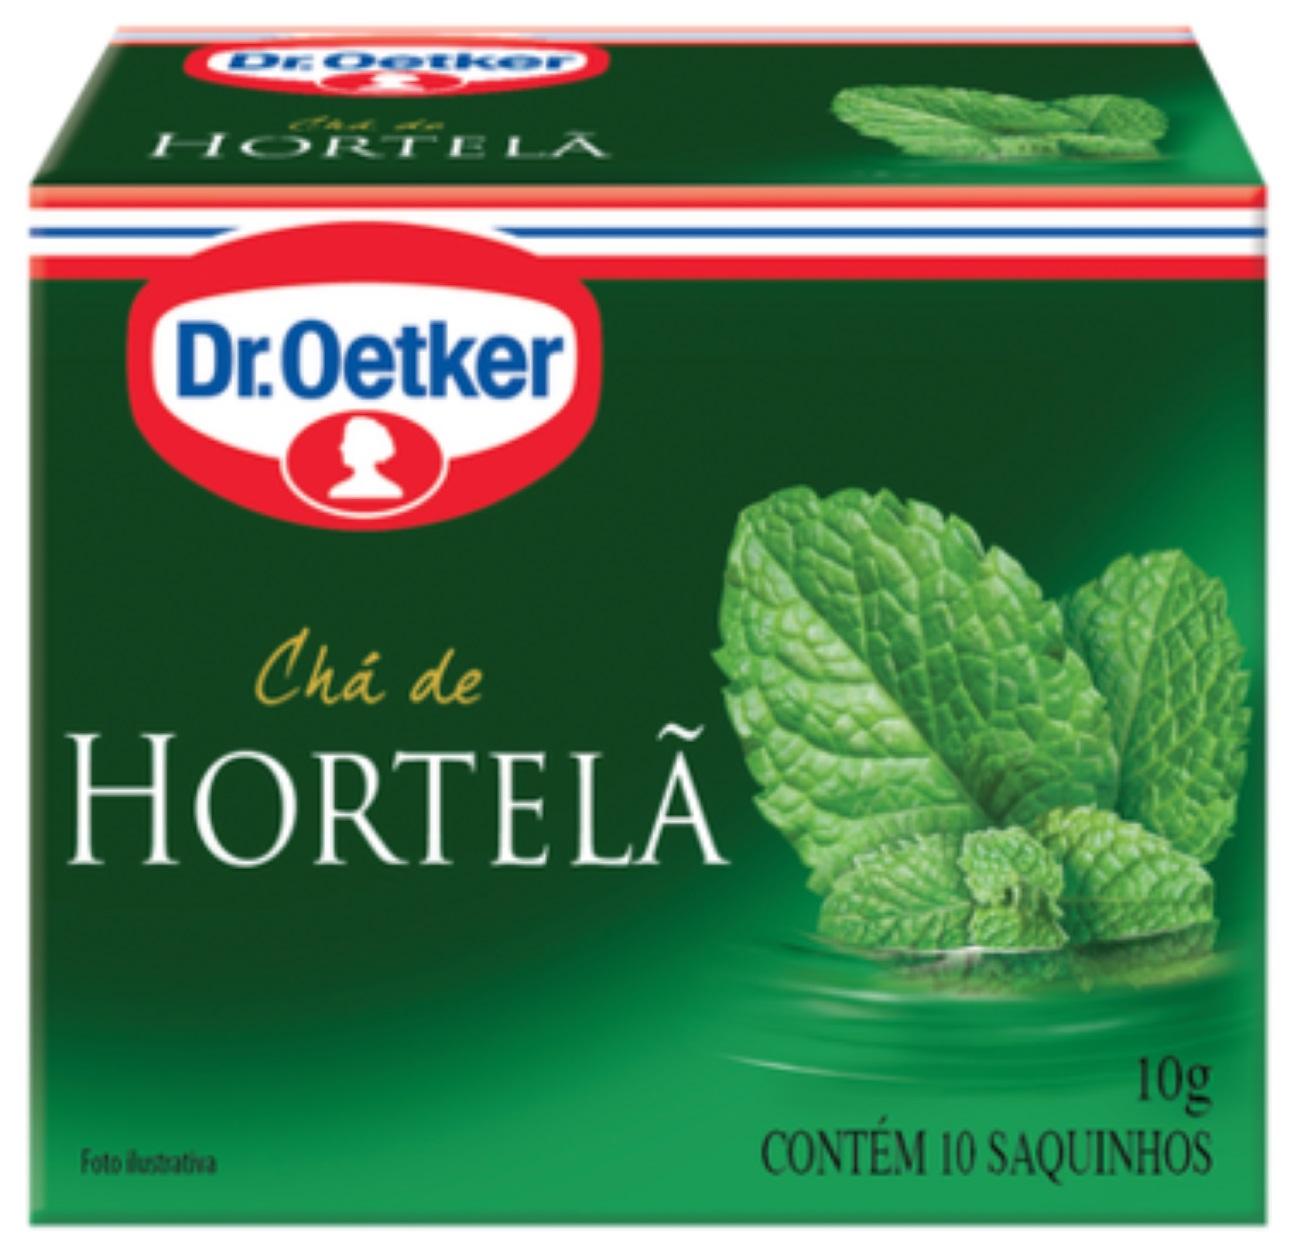 CHÁ DE HORTELÃ DR. OETKER KIT COM 02 CAIXAS